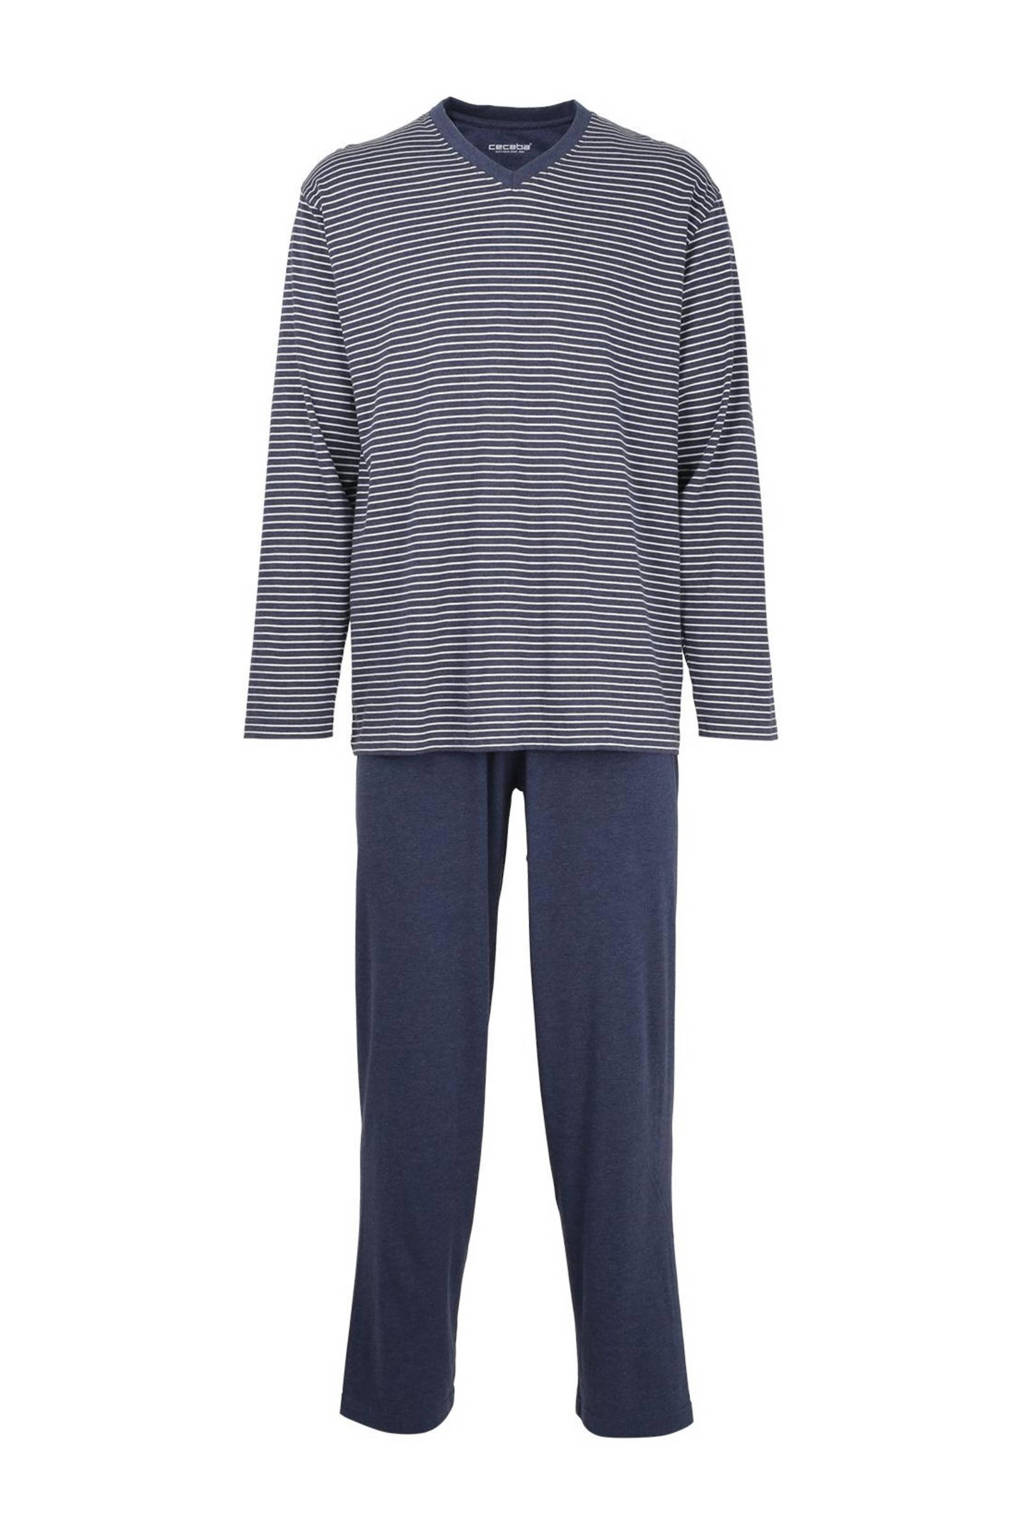 Ceceba pyjama met strepen blauw, Blauw